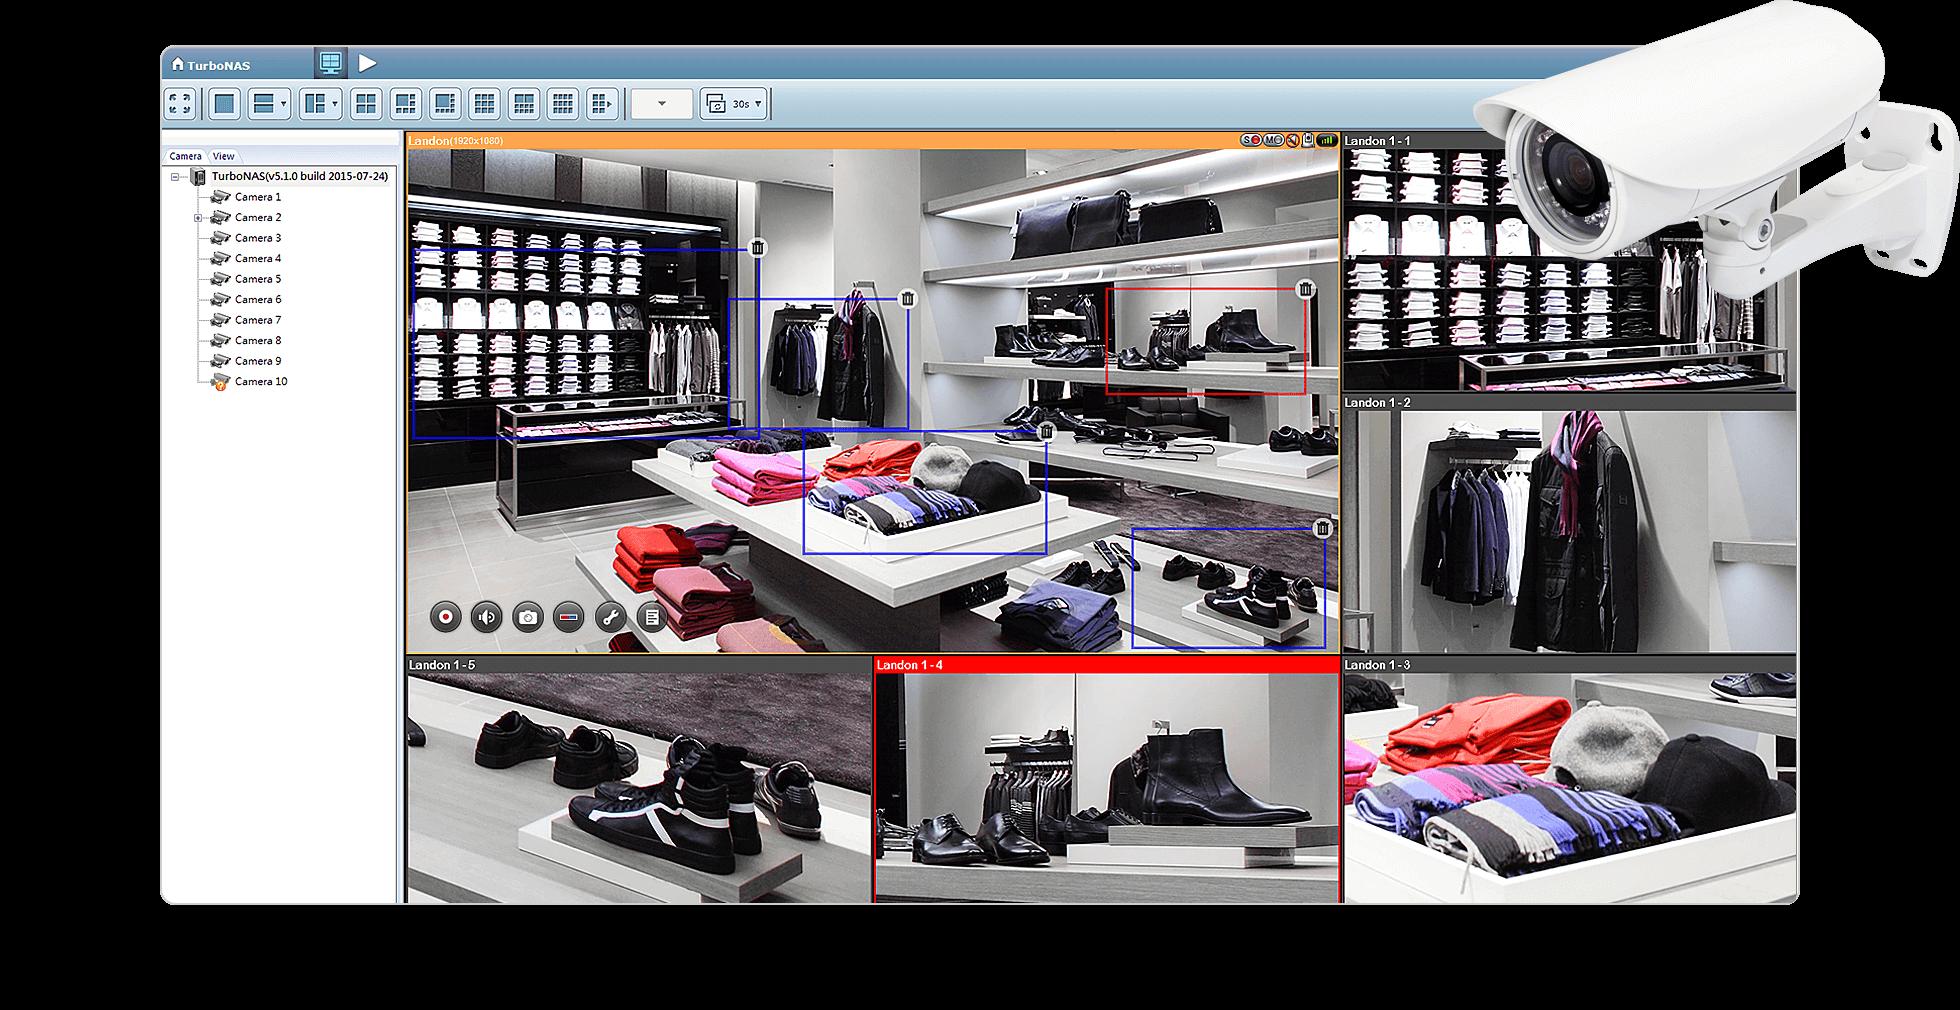 Xem hình ảnh của máy ảnh vật lý và nhiều khu vực lấy nét trong một chế độ xem